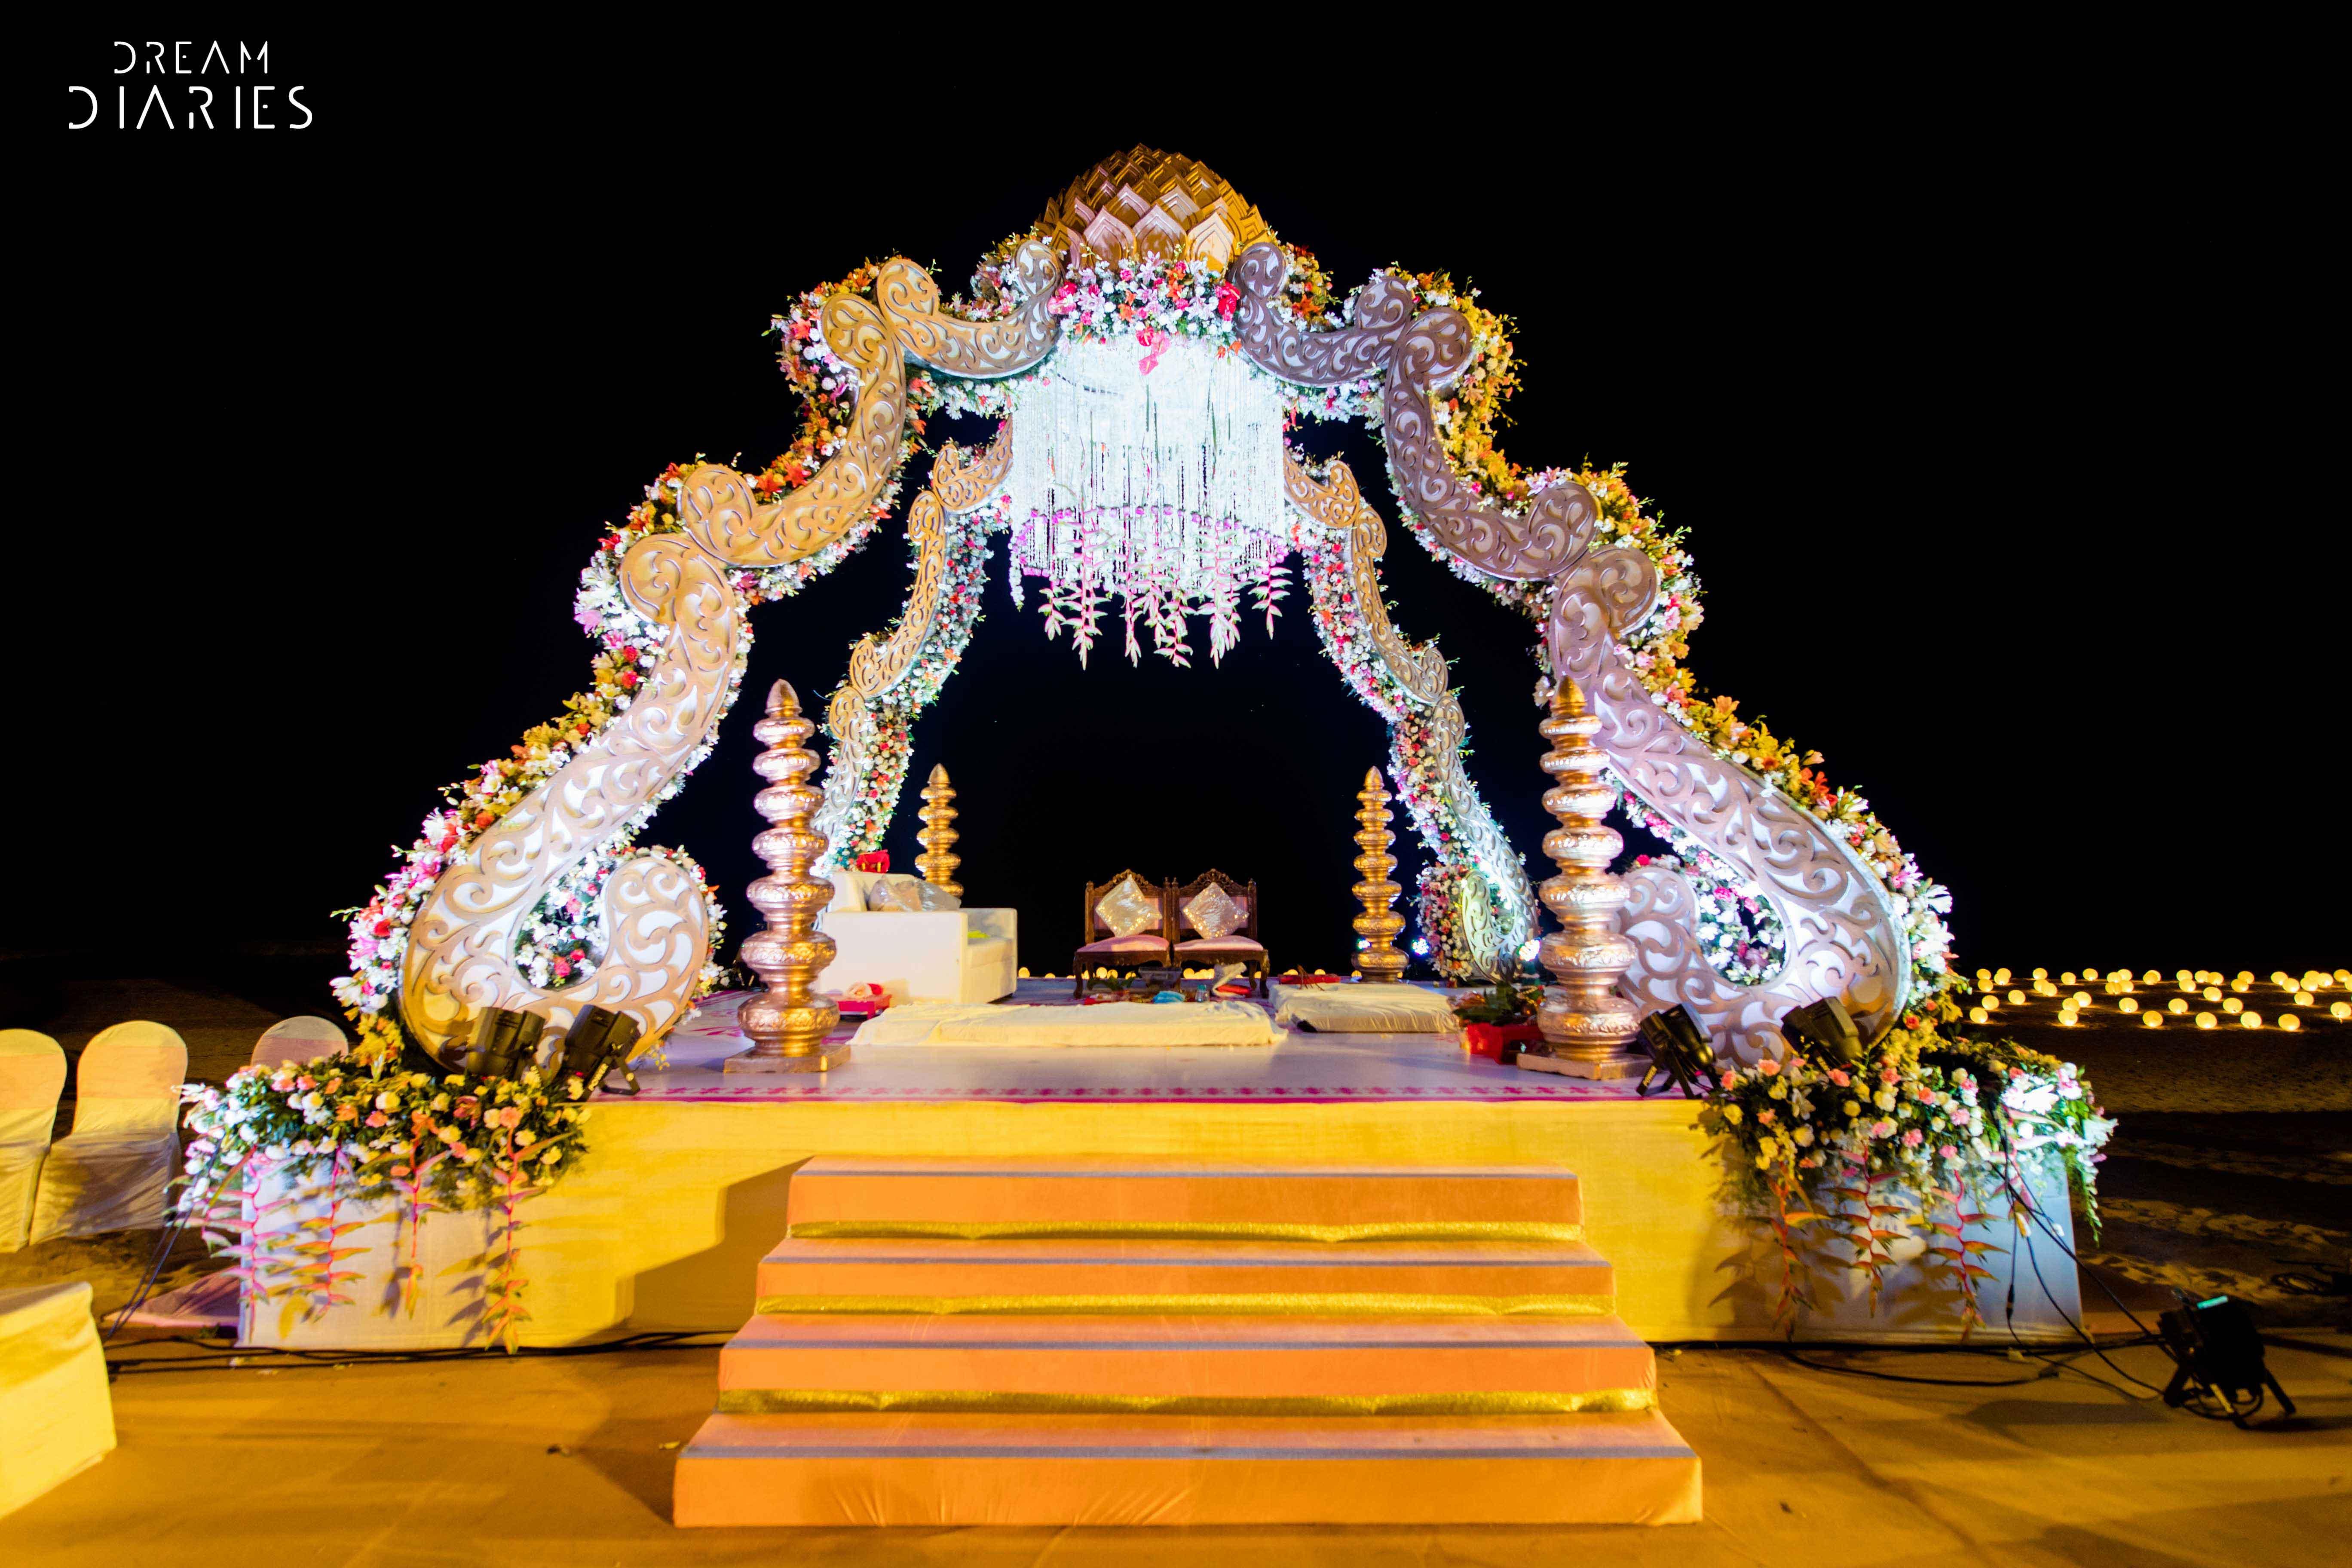 chandelier decor, chandelier decor ideas, unique chandelier decor ideas, candle chandelier decor, chandelier decor for weddings, floral chandelier decor ideas, floral chandelier decor